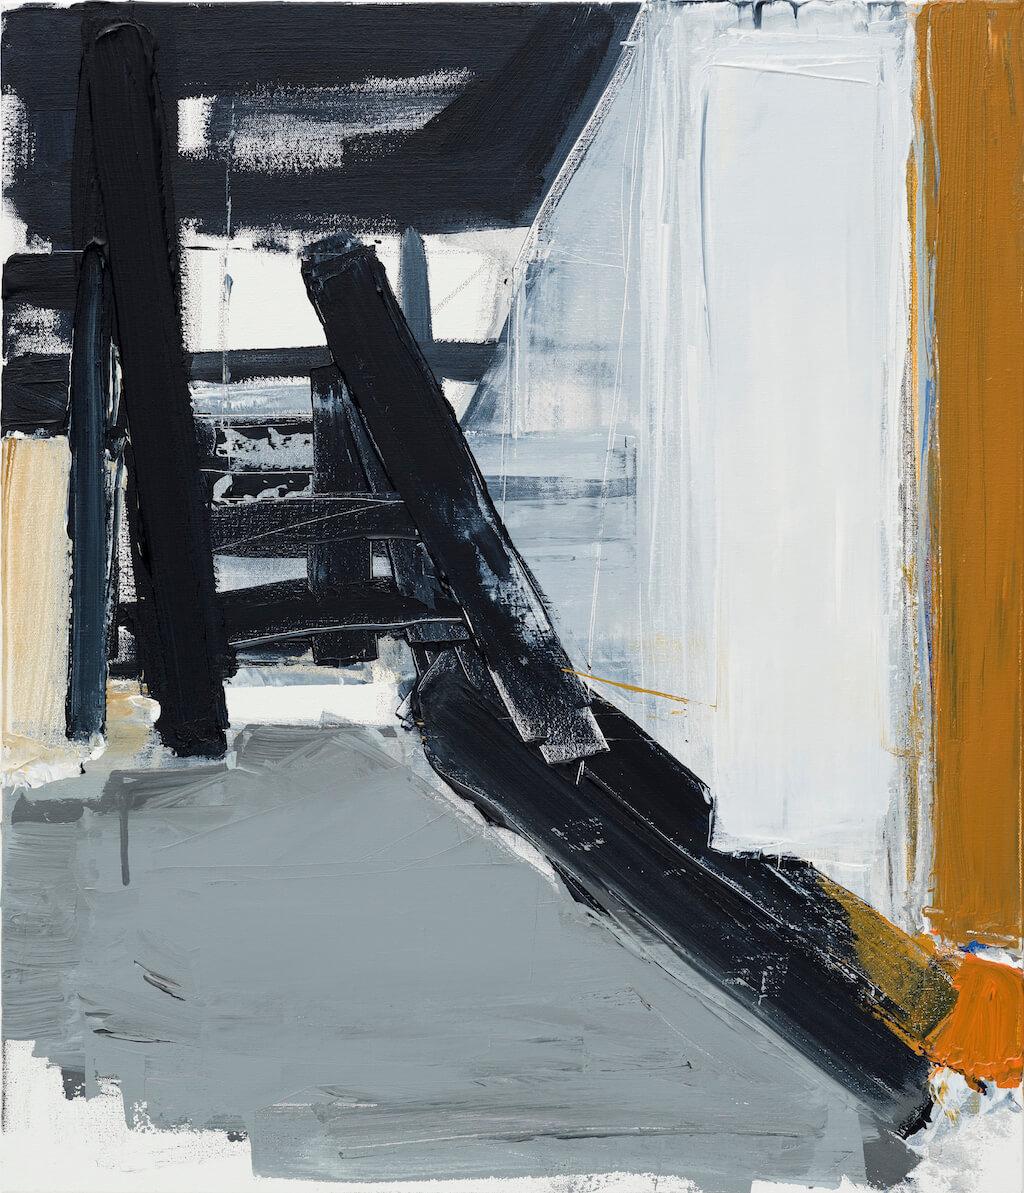 Untitled - 2018 - acrylic on canvas - 70cmx80cm